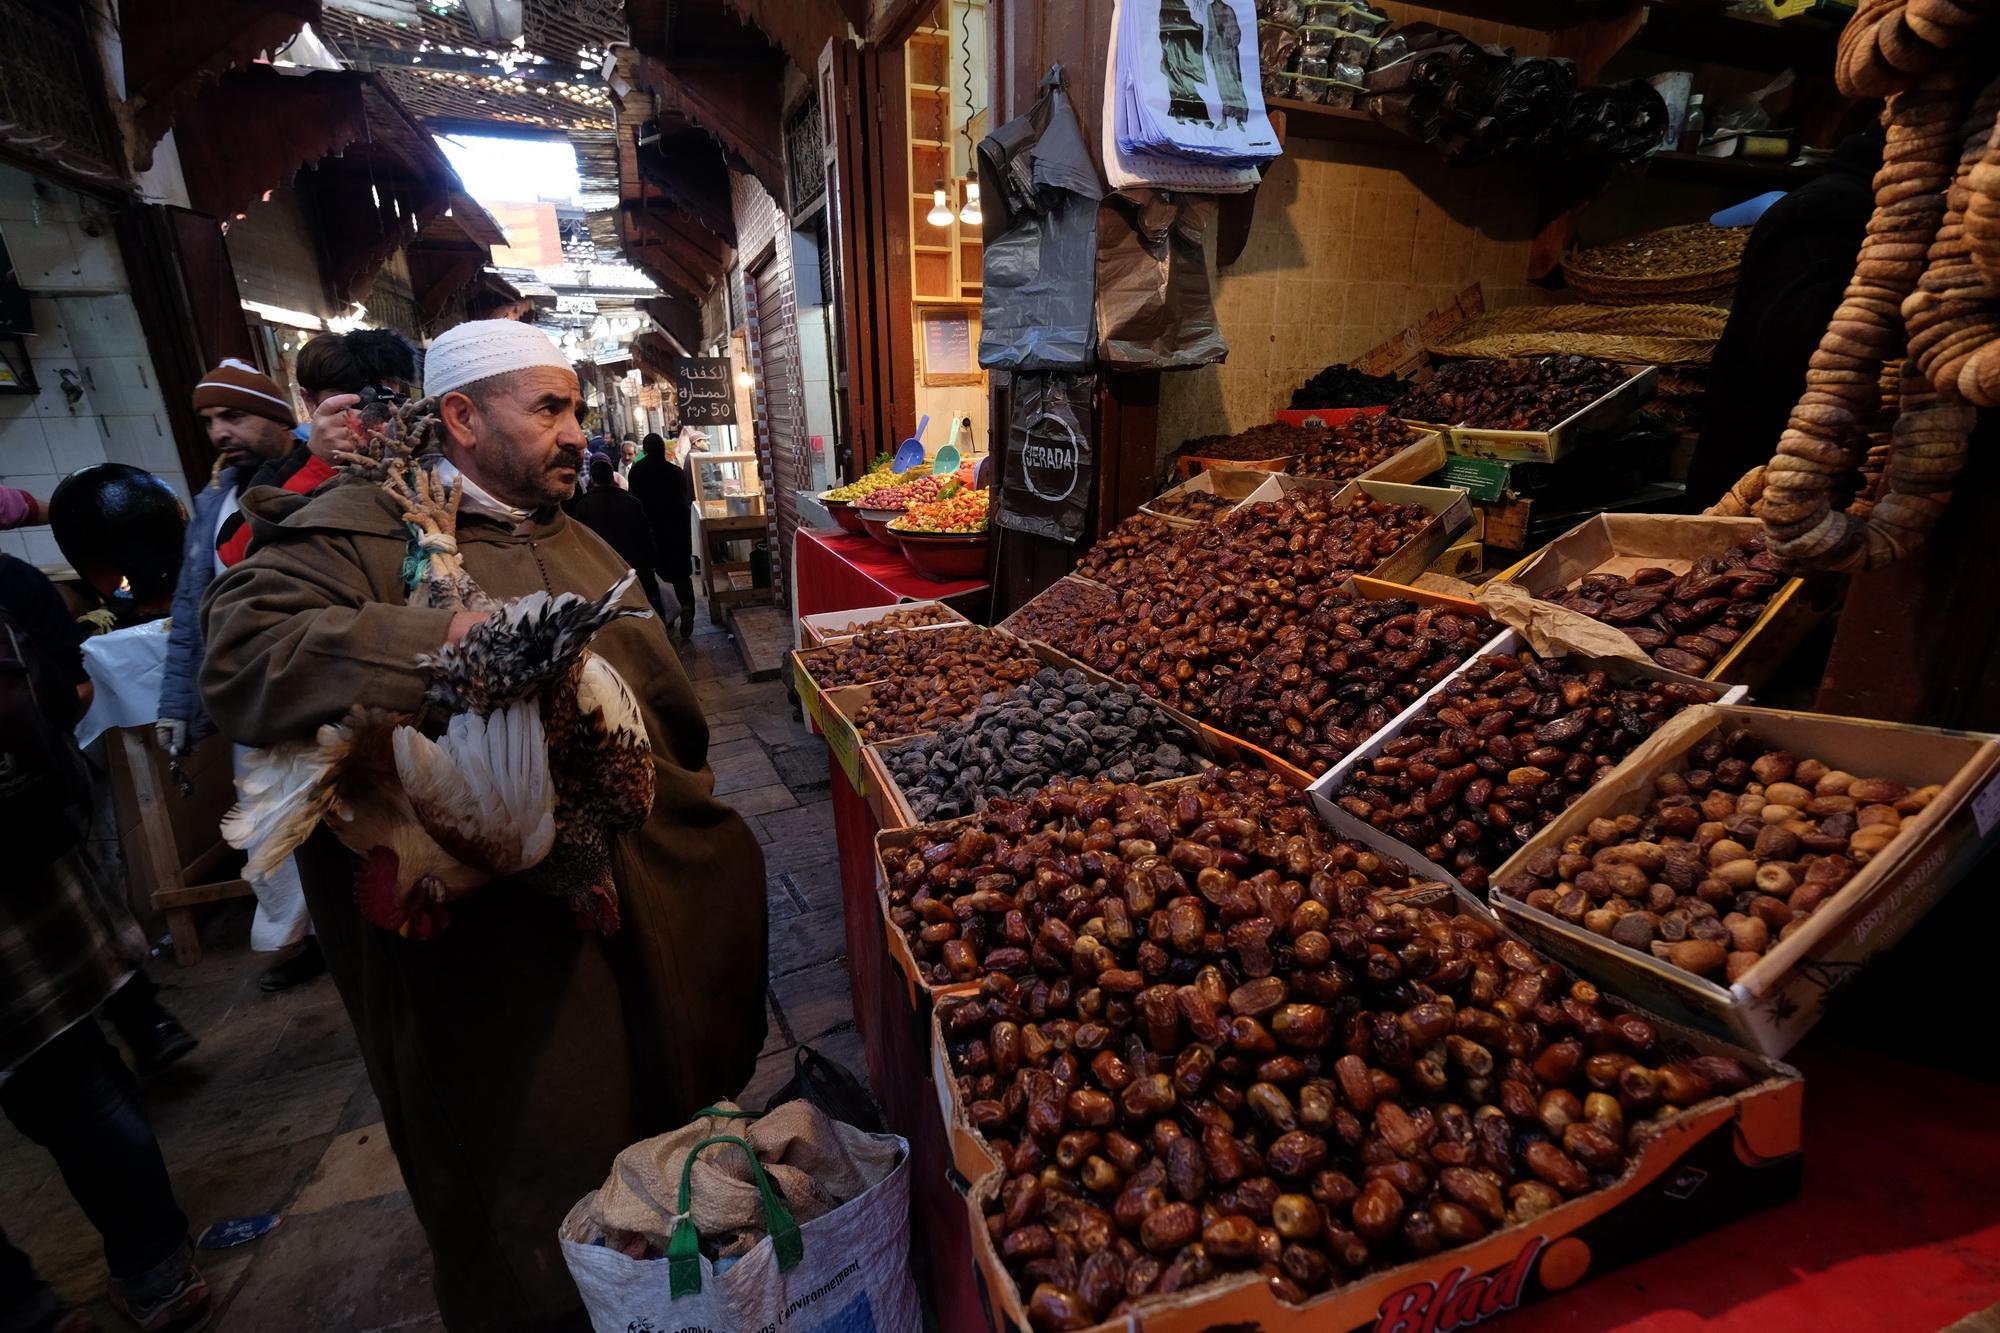 Marocco_DSCF1603_∏ Luca Bracali